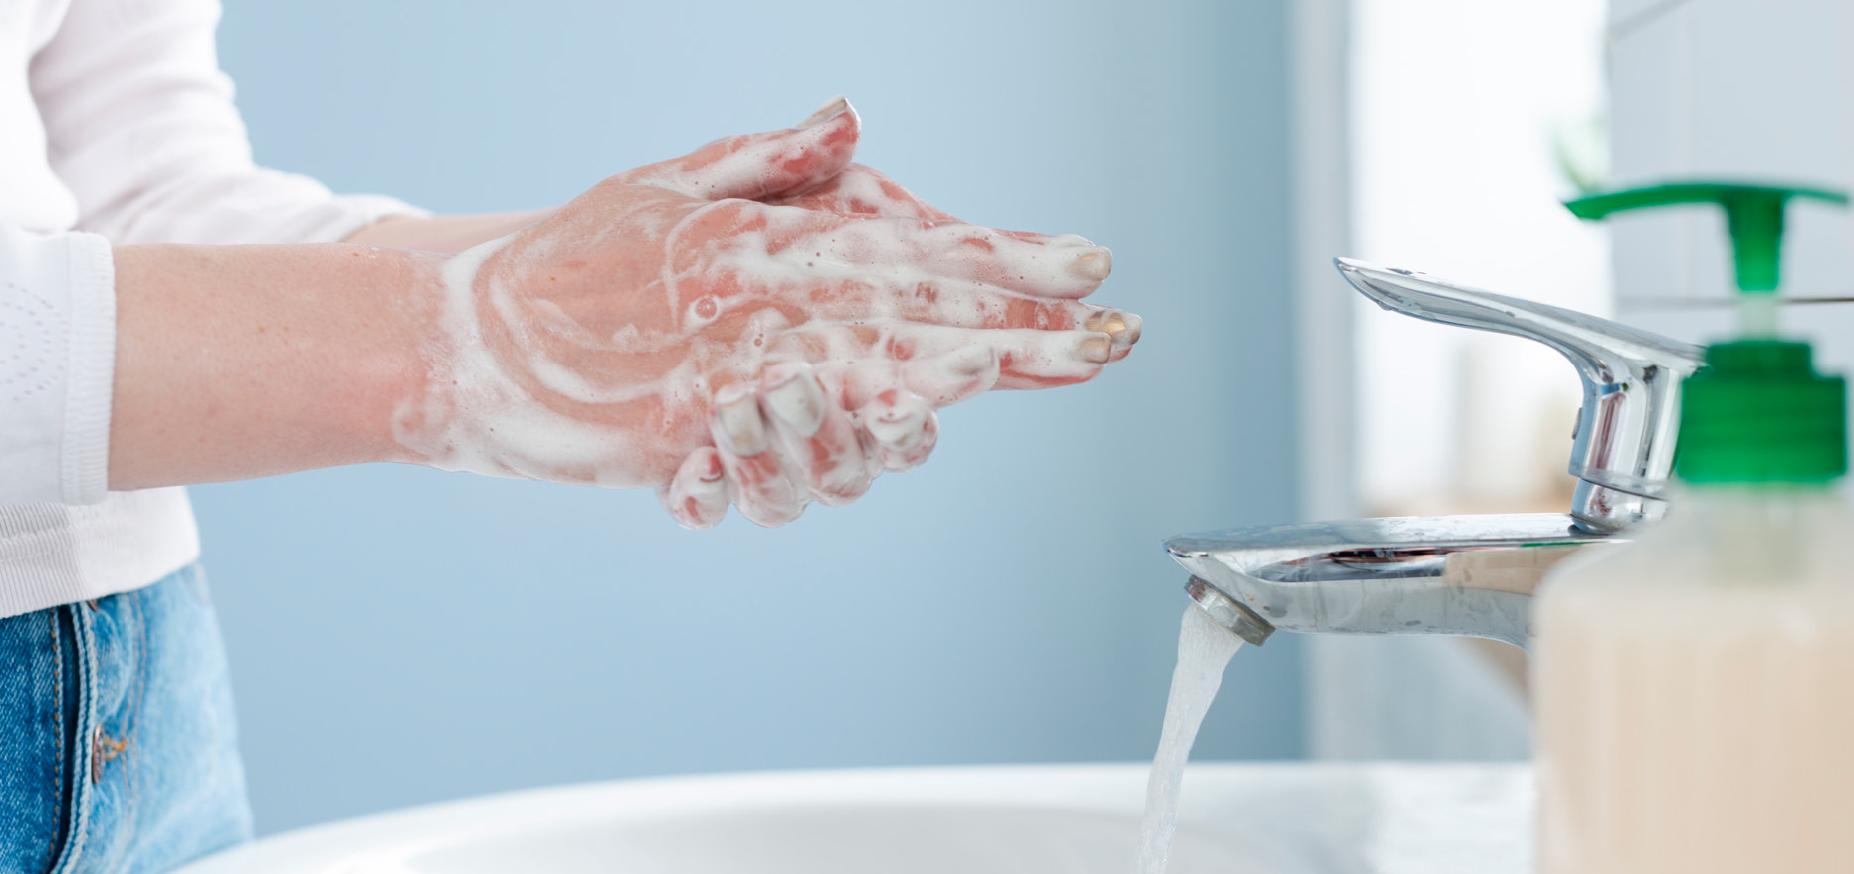 laviamo le mani covid19